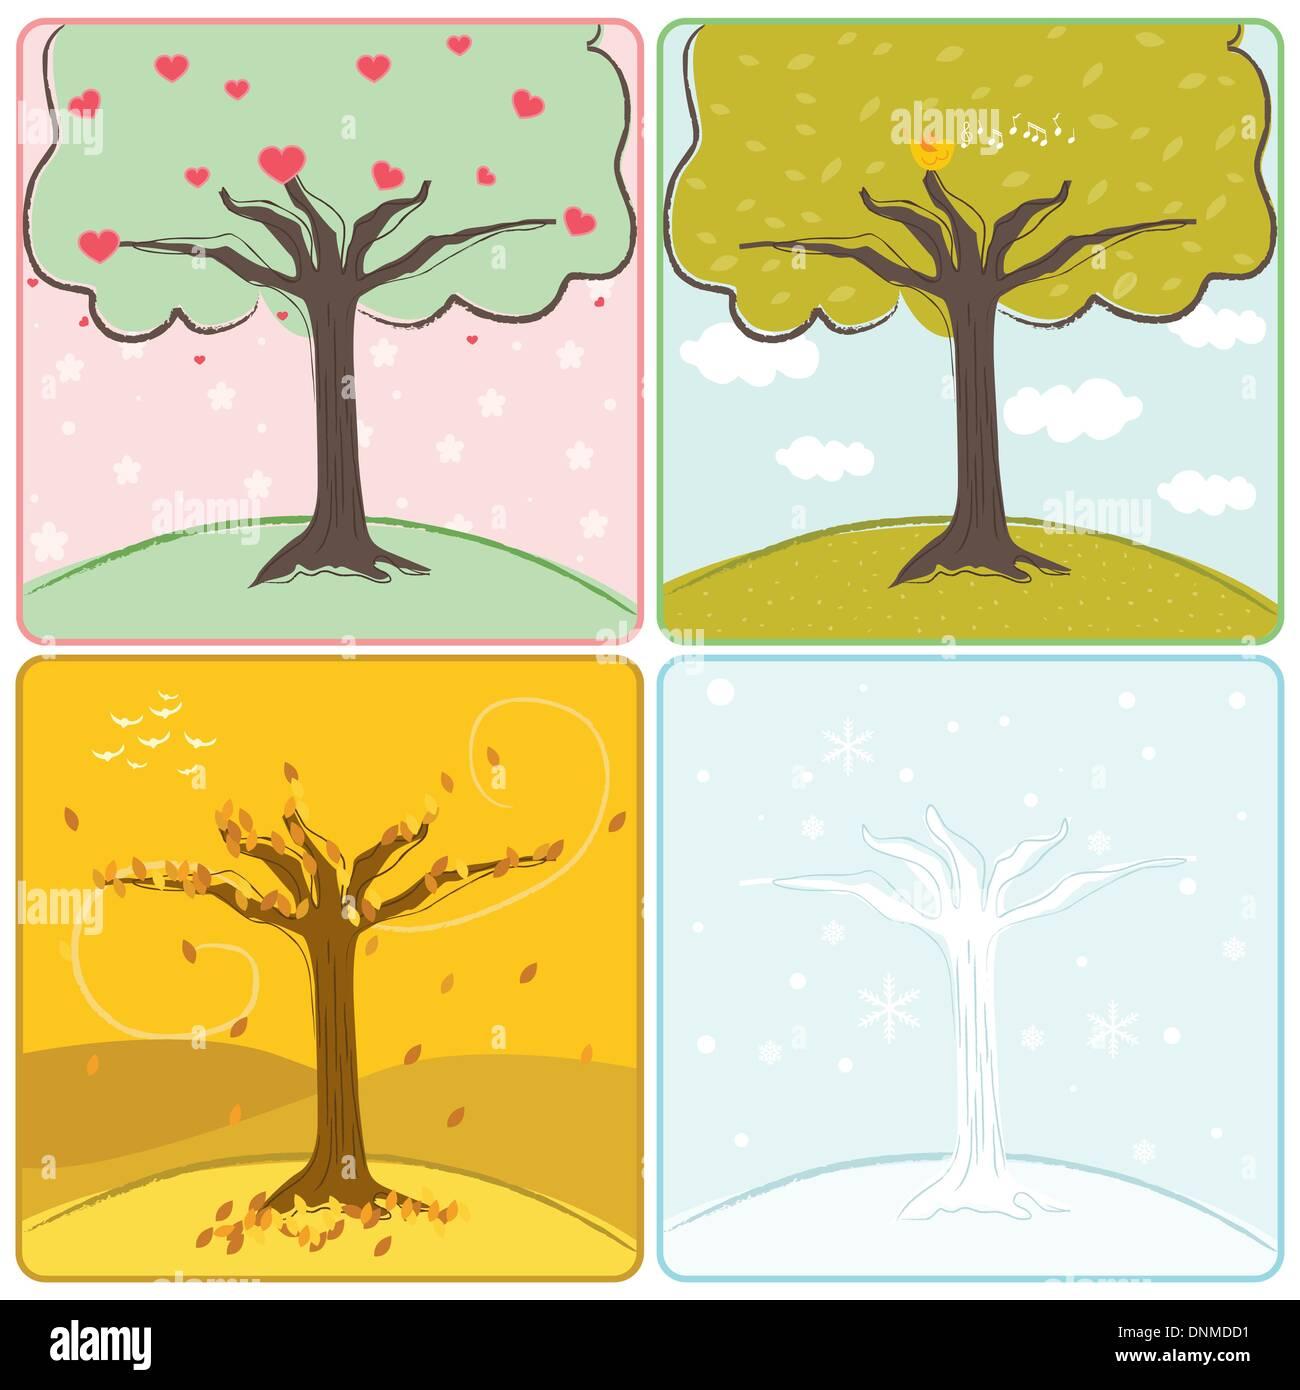 Una ilustración vectorial de un árbol en el four seasons Imagen De Stock